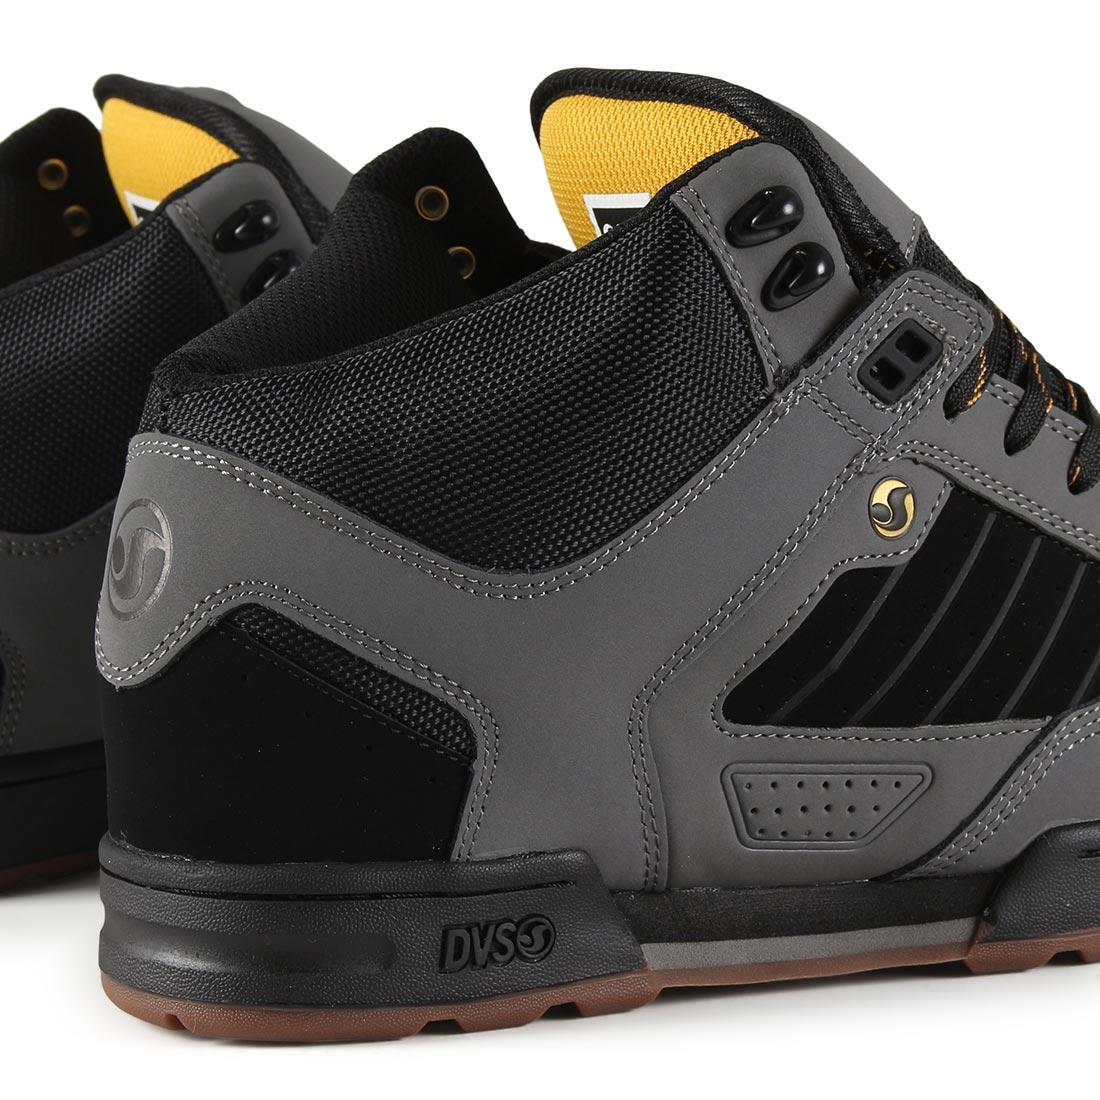 DVS Militia Boot - Charcoal / Black / Gold